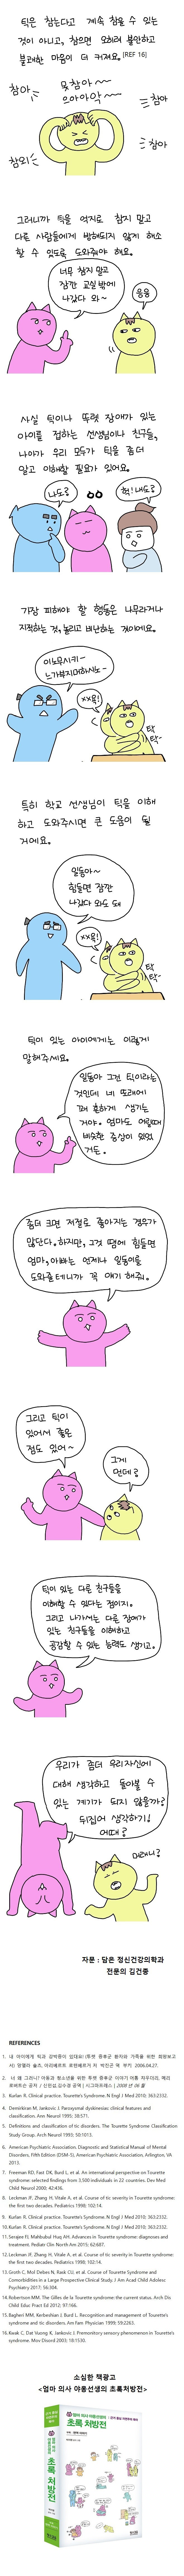 20181005_틱장애2_2_1.JPG